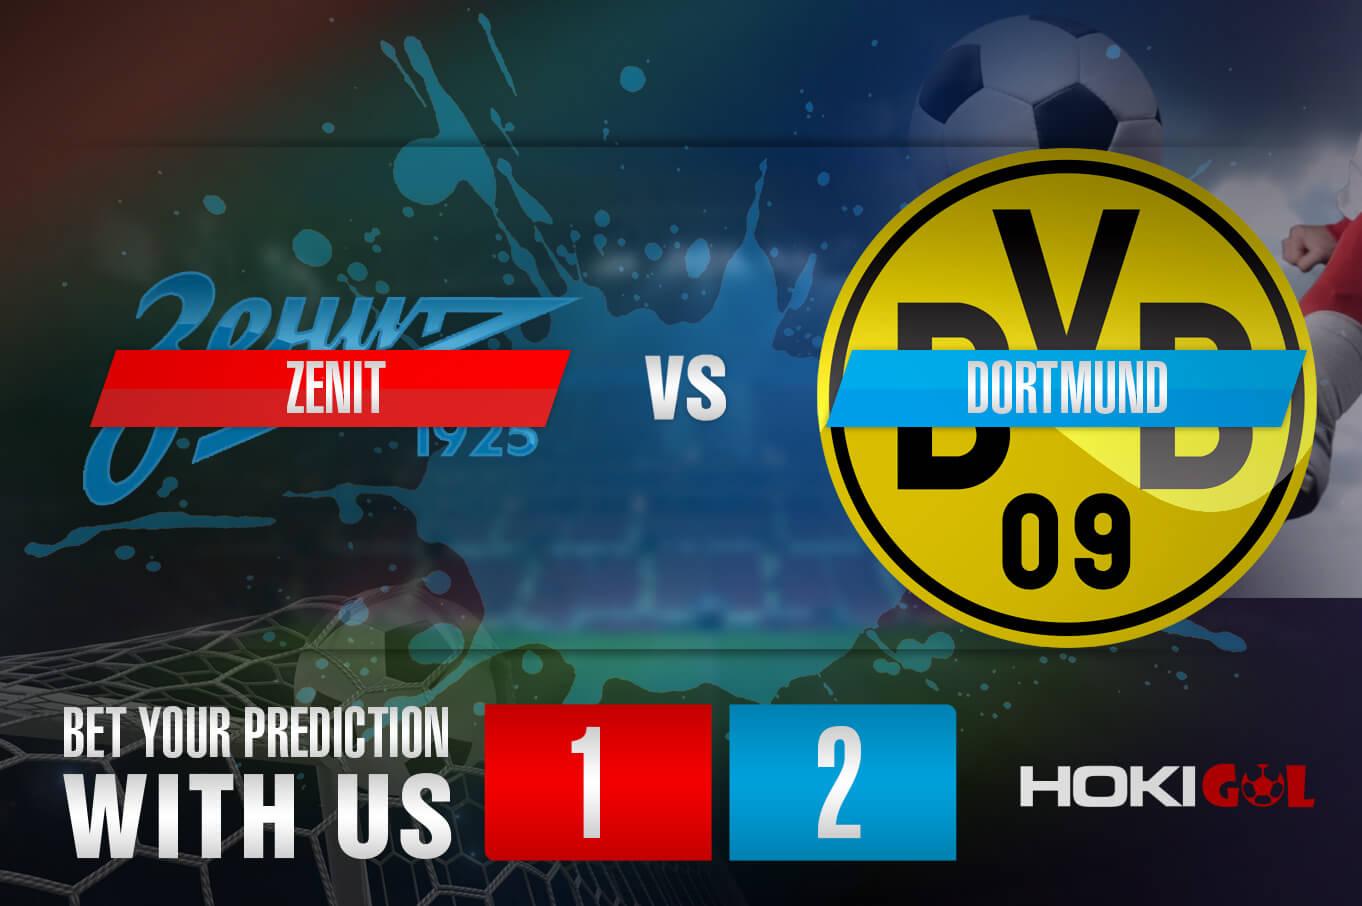 Prediksi Bola Zenit Vs Dortmund 9 Desember 2020